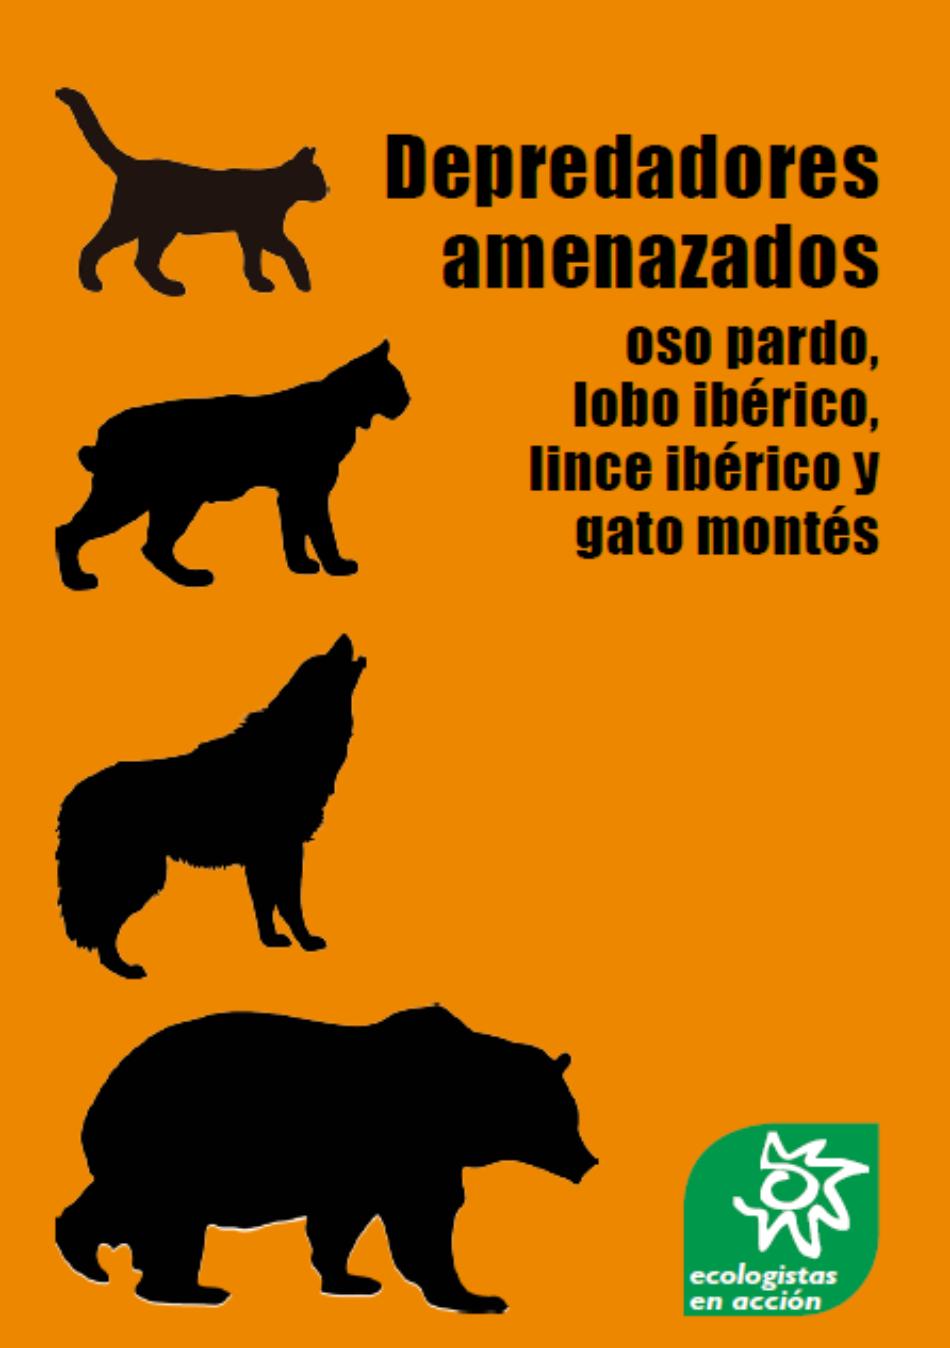 Ecologistas en Acción reclama mejoras en la conservación del oso pardo, el lince ibérico, el lobo ibérico y el gato montés